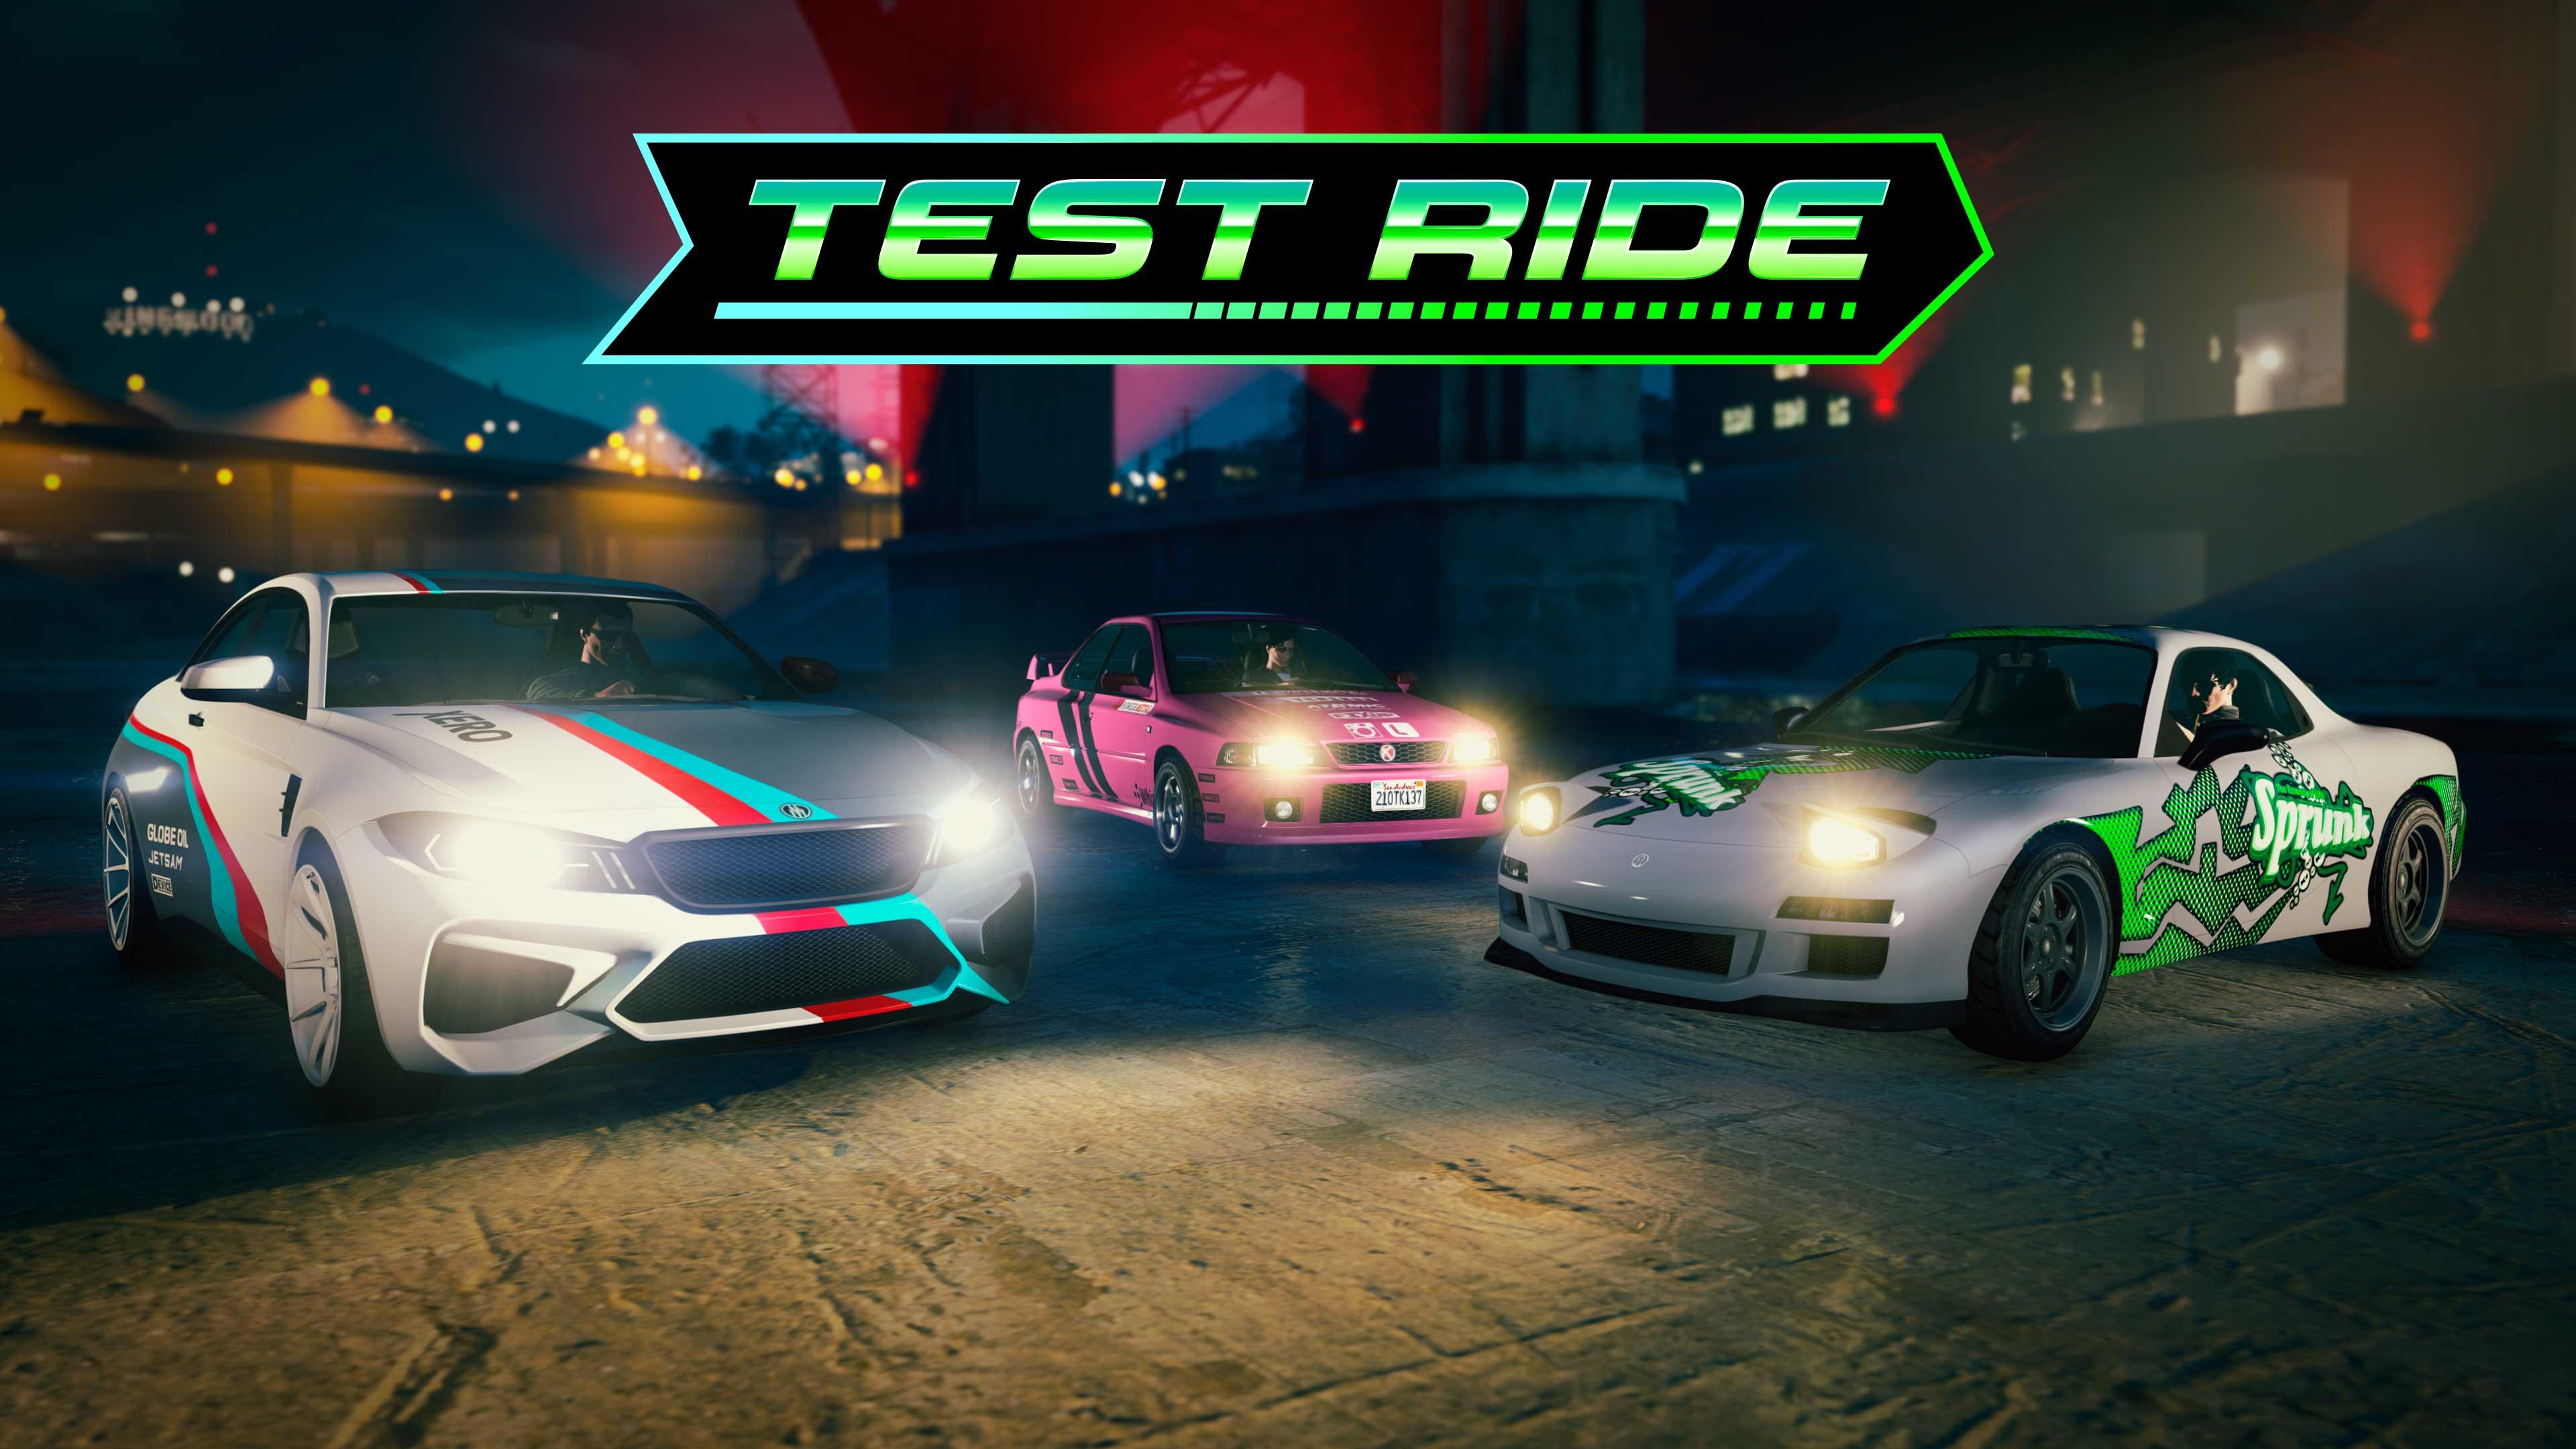 GTA Online Los Santos Tuners Test Ride